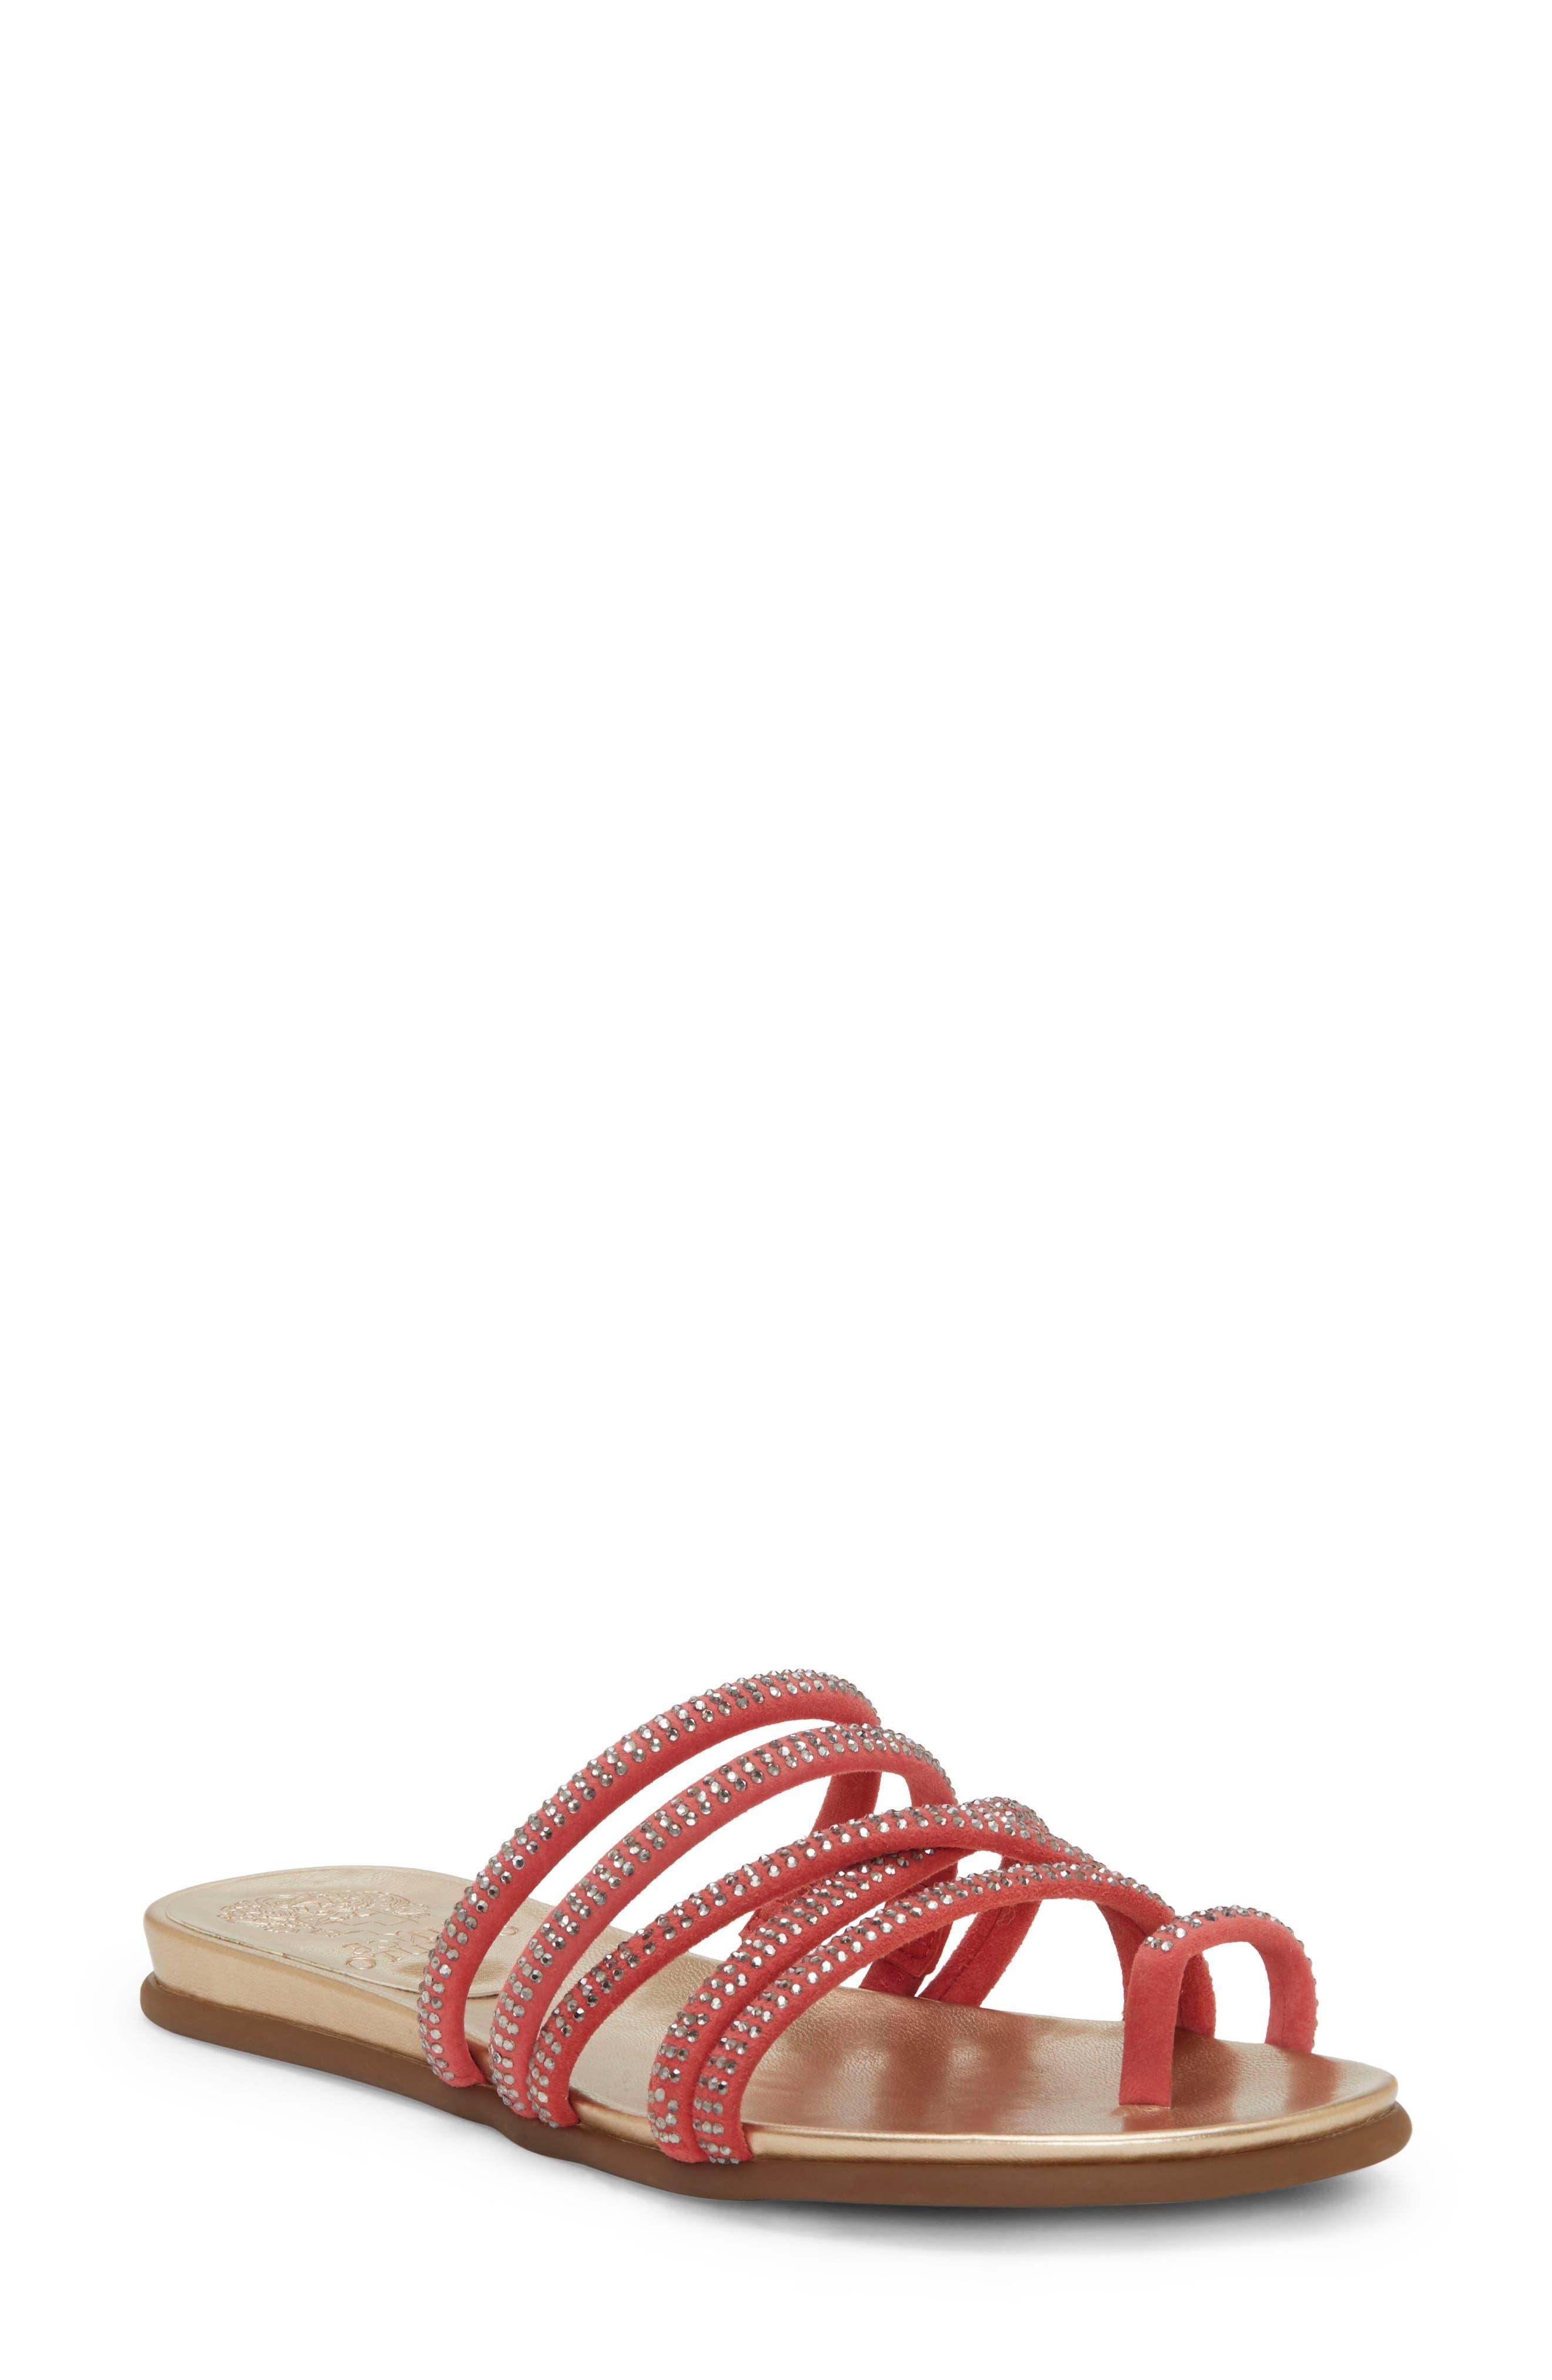 Vince Camuto Ezzina Crystal Embellished Slide Sandal, Coral